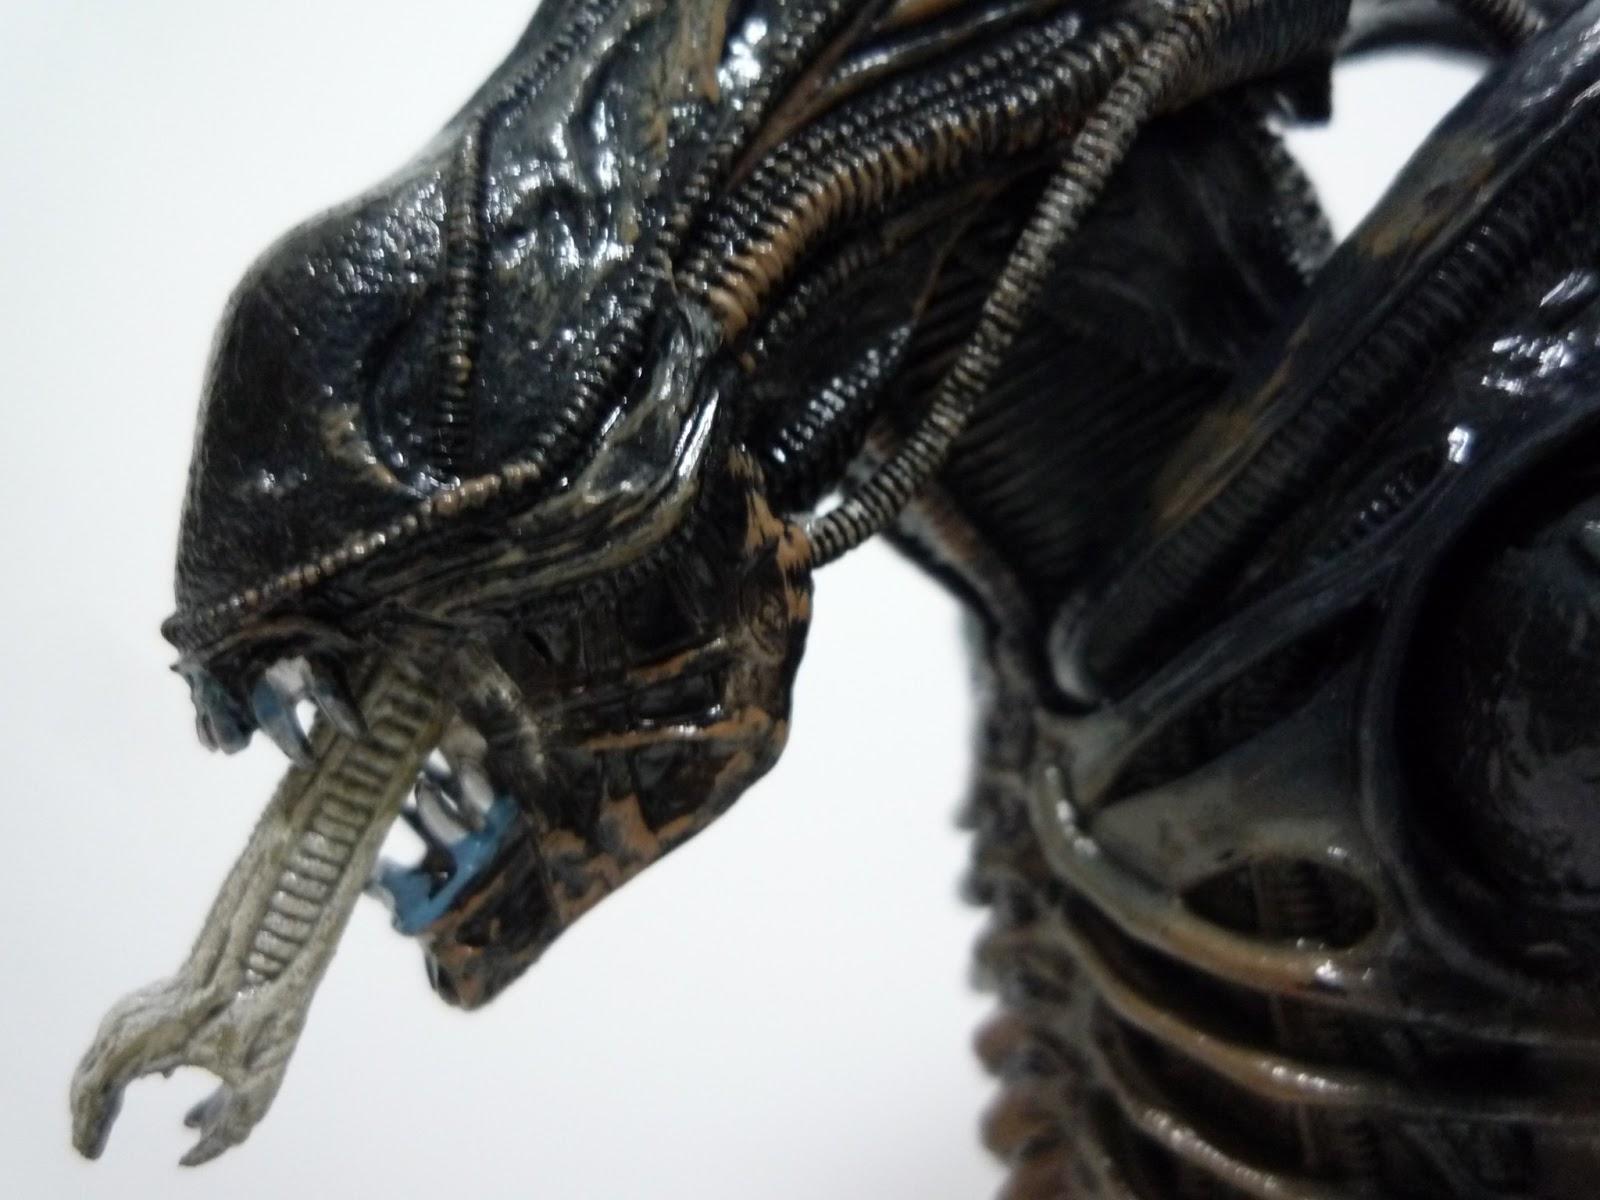 Neca aliens anlisis del alien warrior por miguel daz gonzlez dado el xito de figuras como el alien y de series como aliens vs predator requiem serie 1 y aliens vs predator requiem serie 2 altavistaventures Image collections